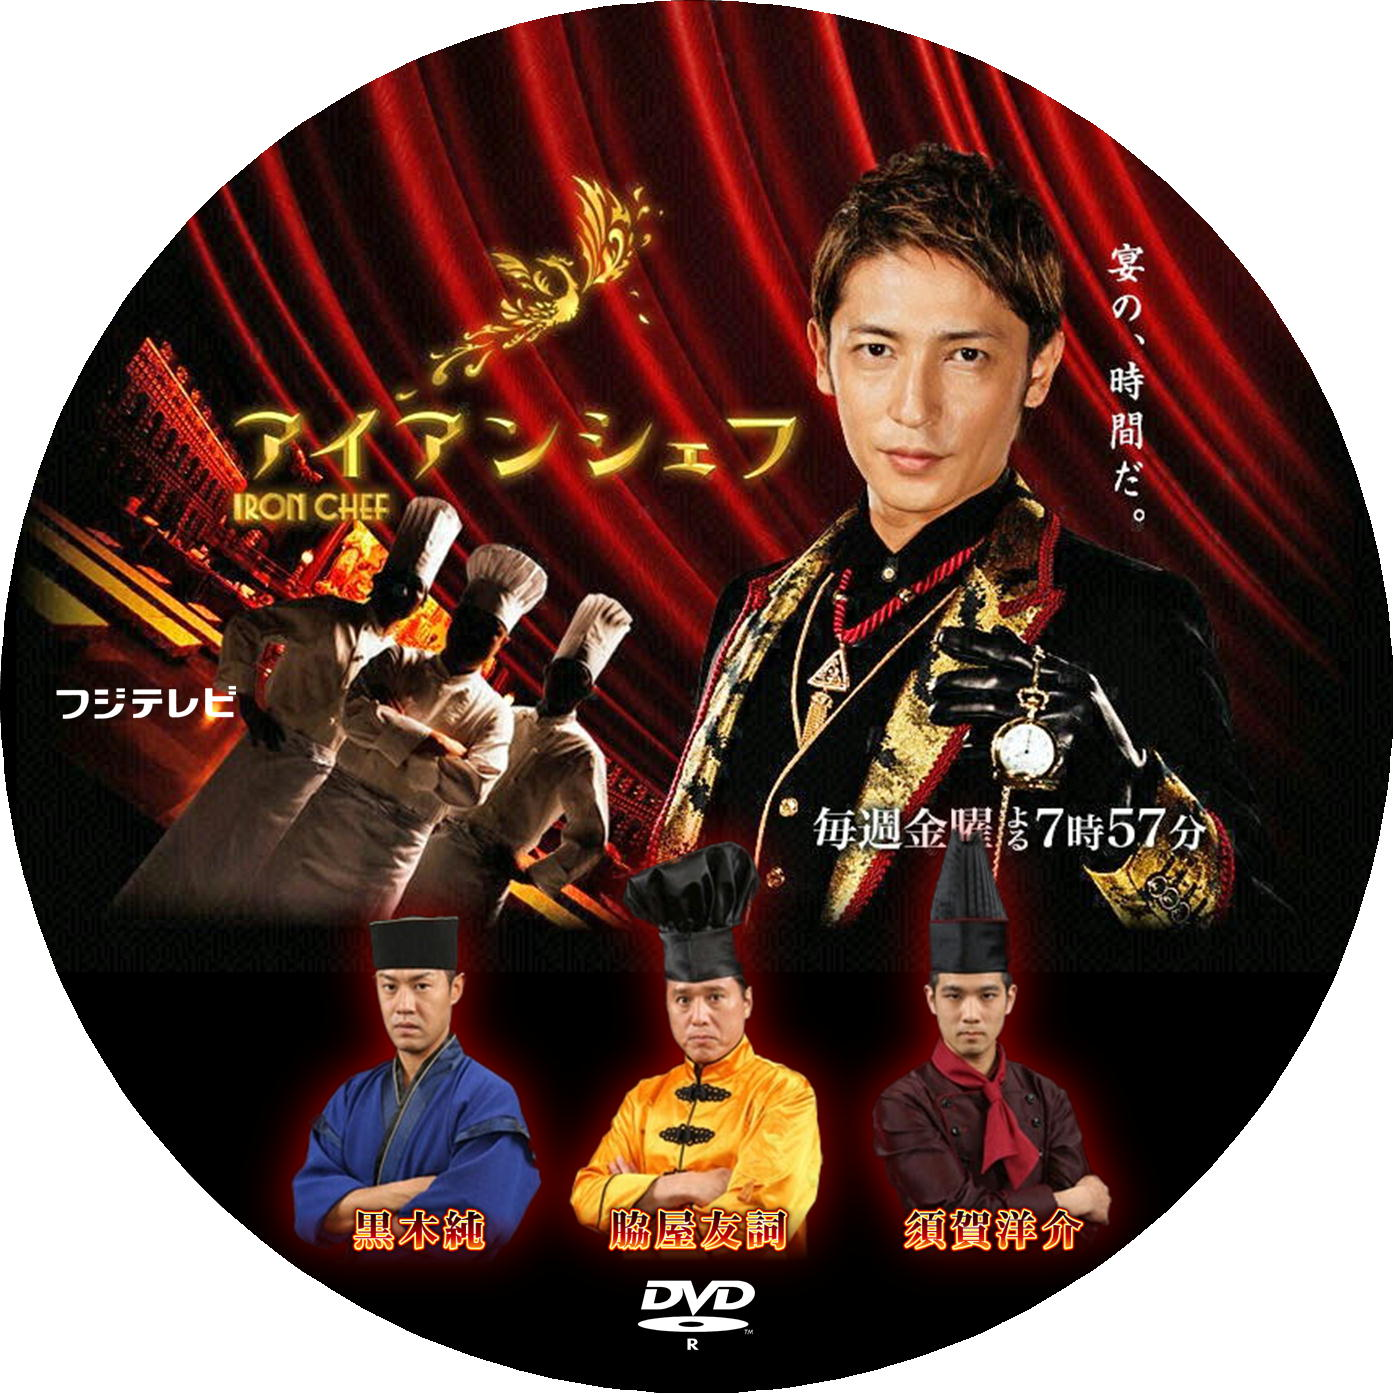 アイアンシェフ DVDラベル